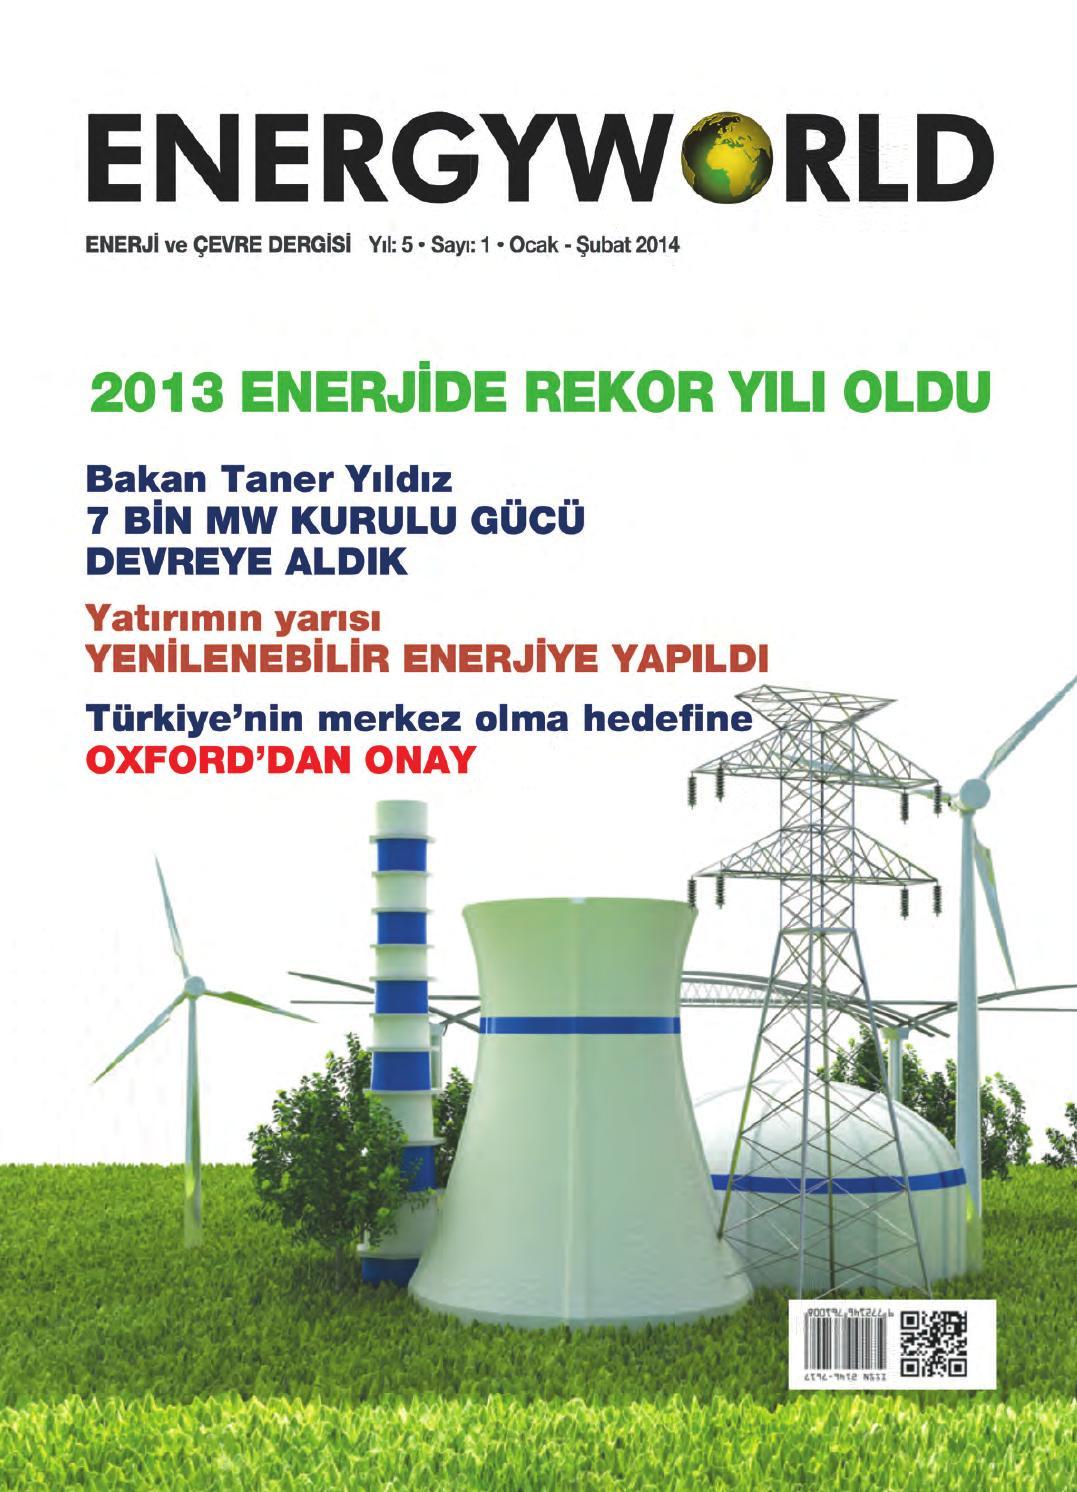 Lübnan: Rus şirketlerin yeni petrol ve doğalgaz yatağı ihalesine girmesini istiyoruz 14